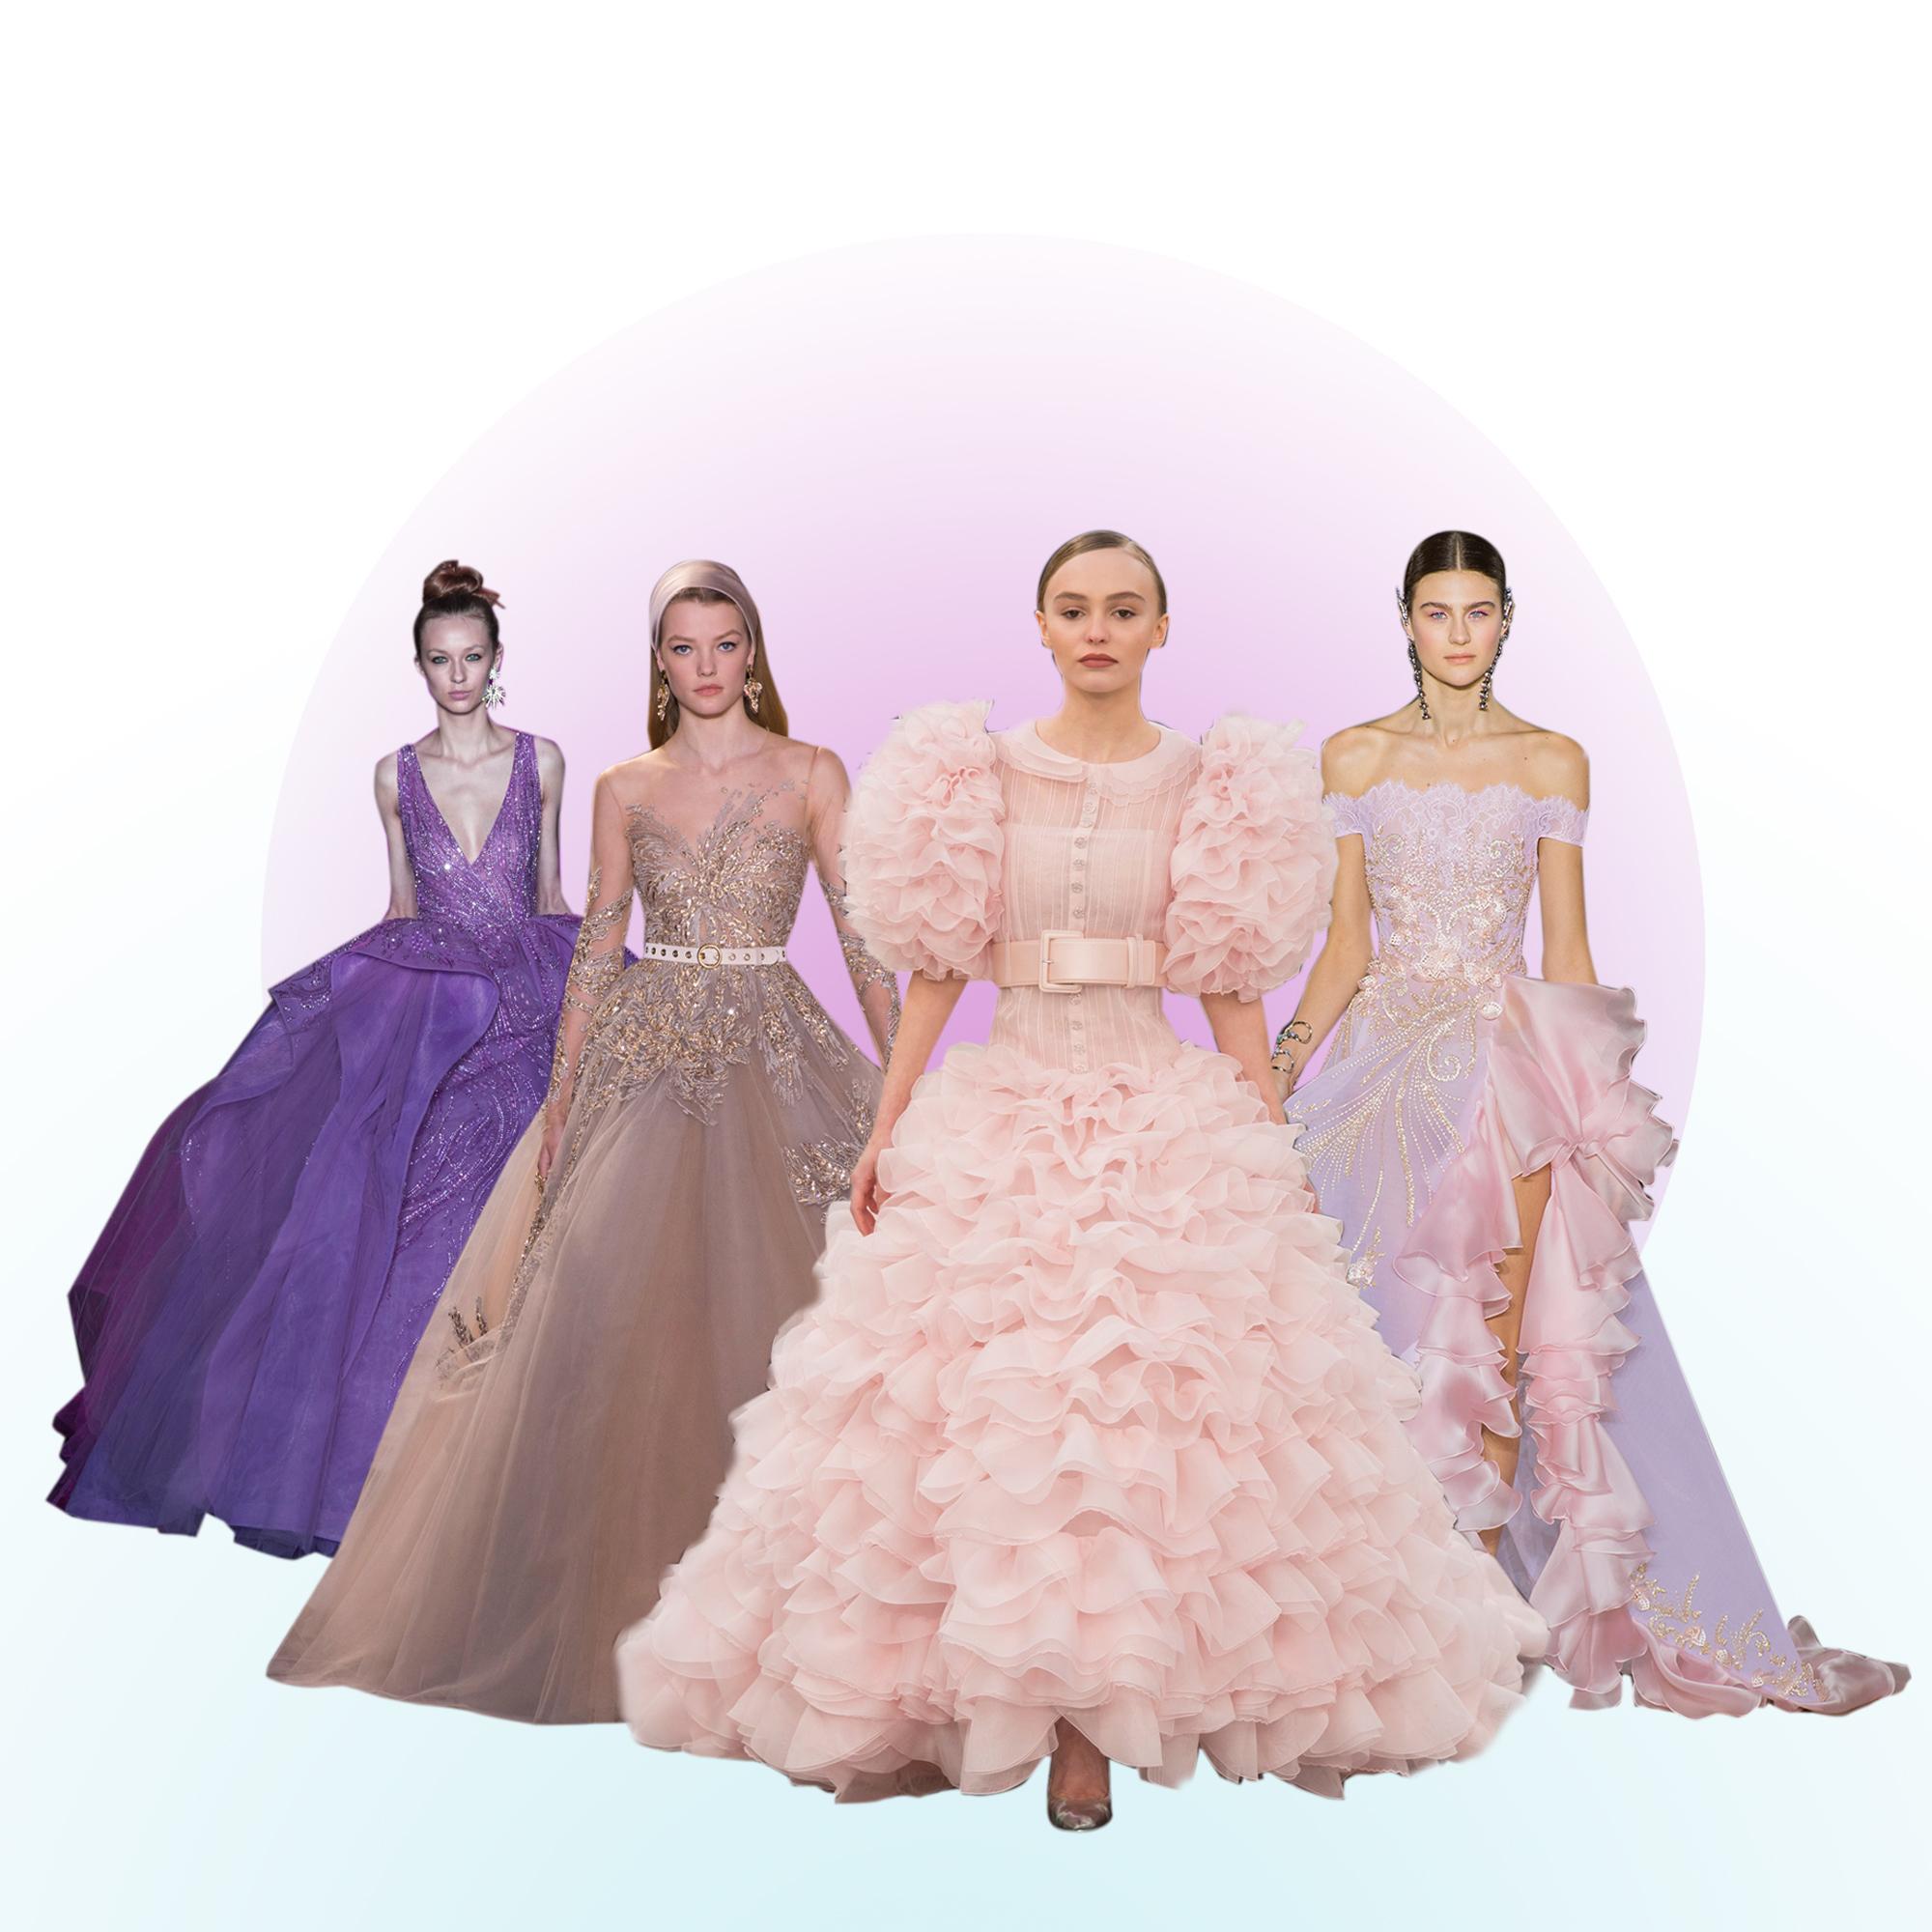 Robe de bal les plus belles robes de bal vues sur les for Prix de robe de mariage en or georges chakra